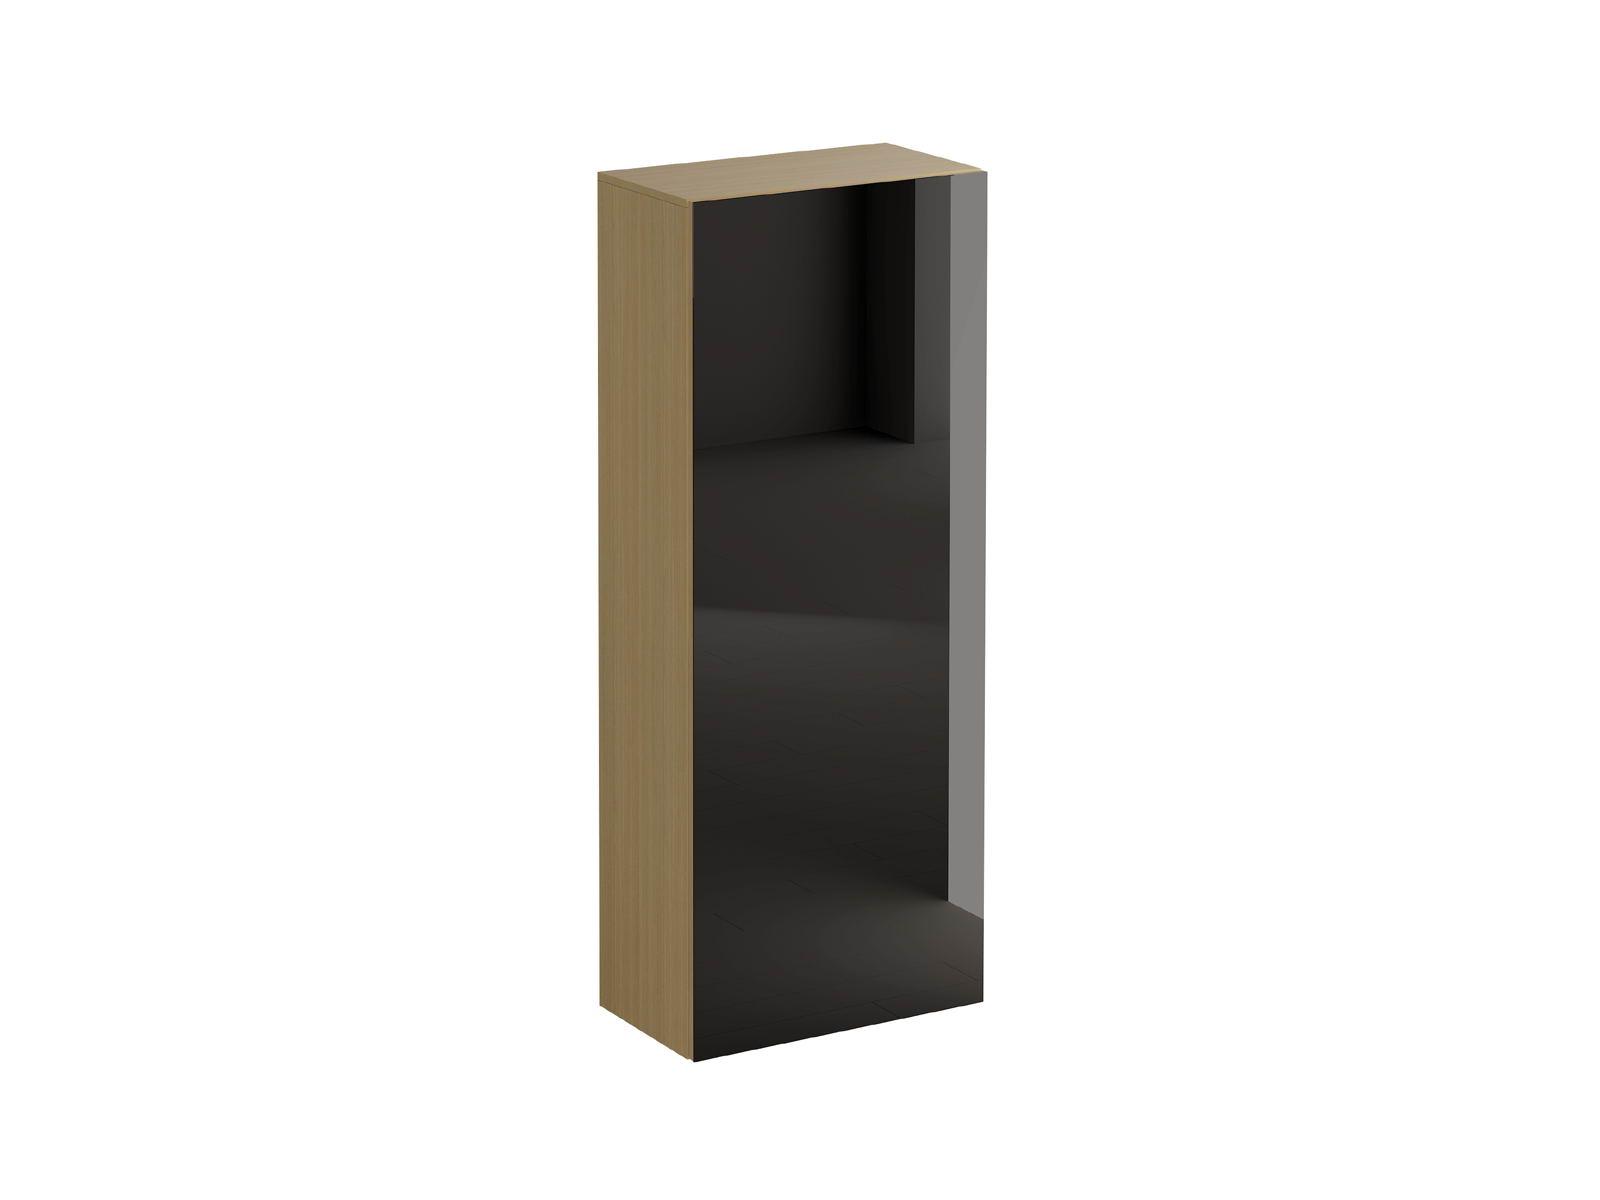 Шкаф для одежды GustoШкафы<br>Шкаф имеет два отделения. Верхняя стационарная полка образует отделение для хранения головных уборов. В нижнем отделении установлена выдвижная штанга для хранения верхней одежды.  Распашная дверь открывается по принципу «нажал-открыл». Задняя стенка белог...<br>